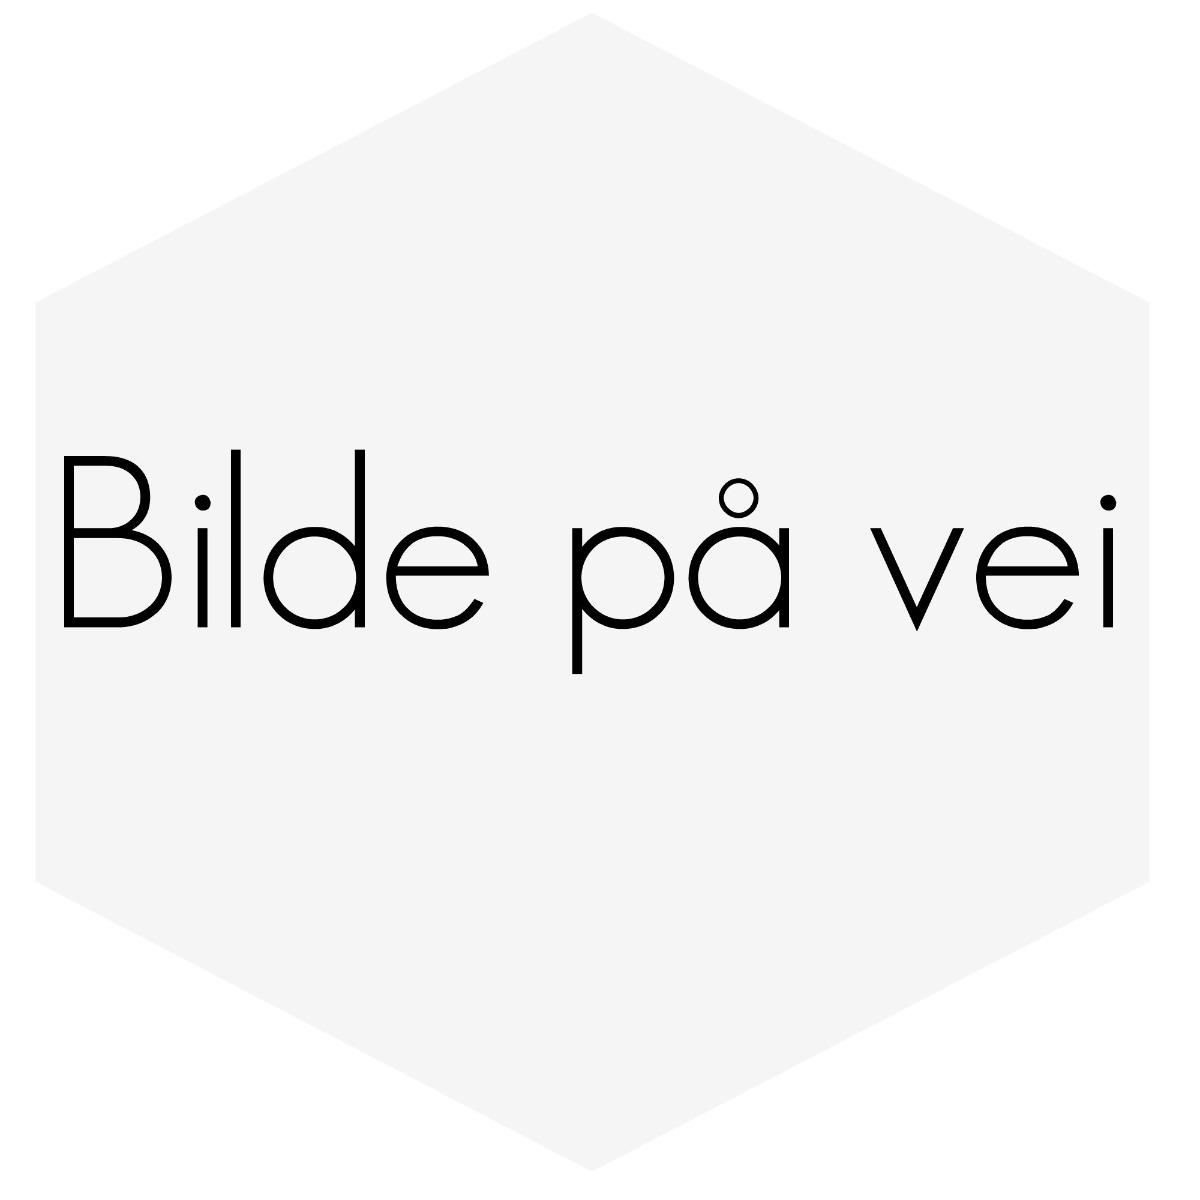 KAMAKSEL STD PÅ B20E>1973 D-PROFIL VENTIL LØFT 10.8,DUR.280G